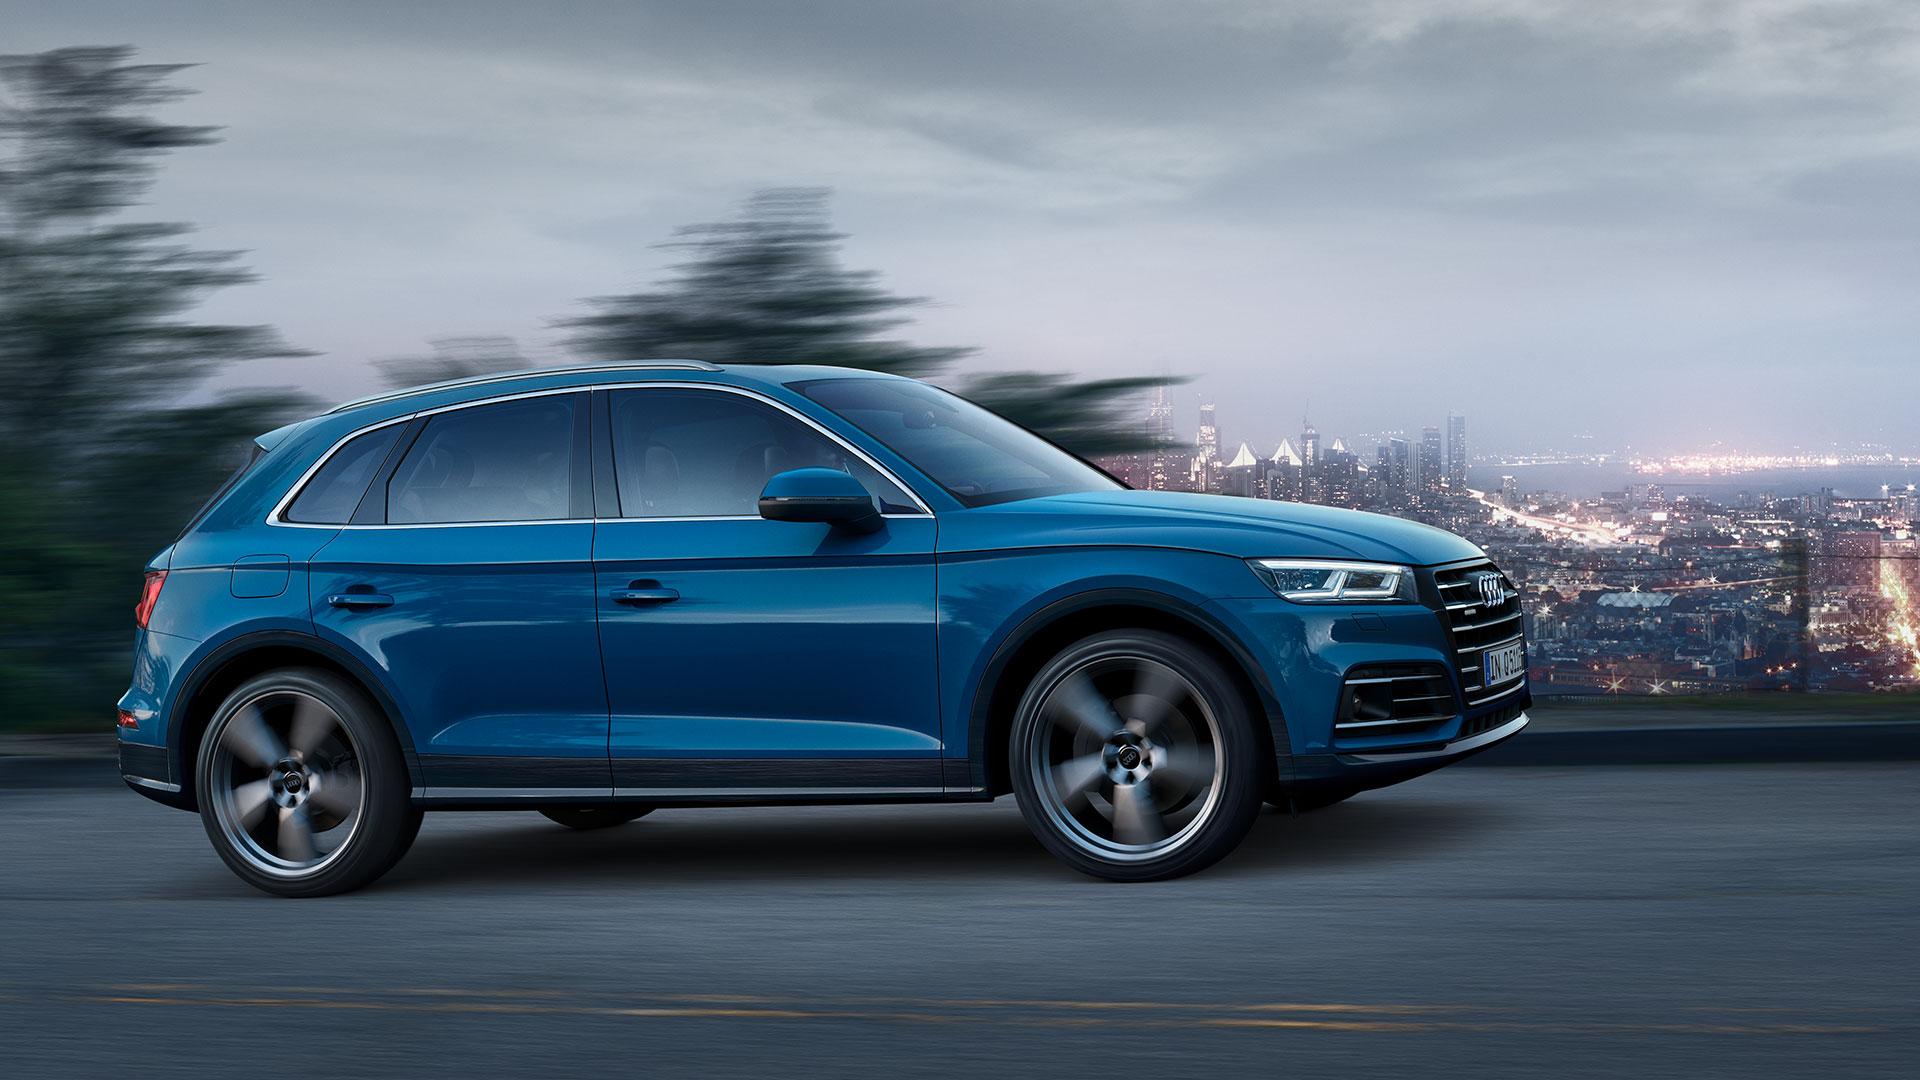 Audi Q5 TFSI e Quatro azul en carretera